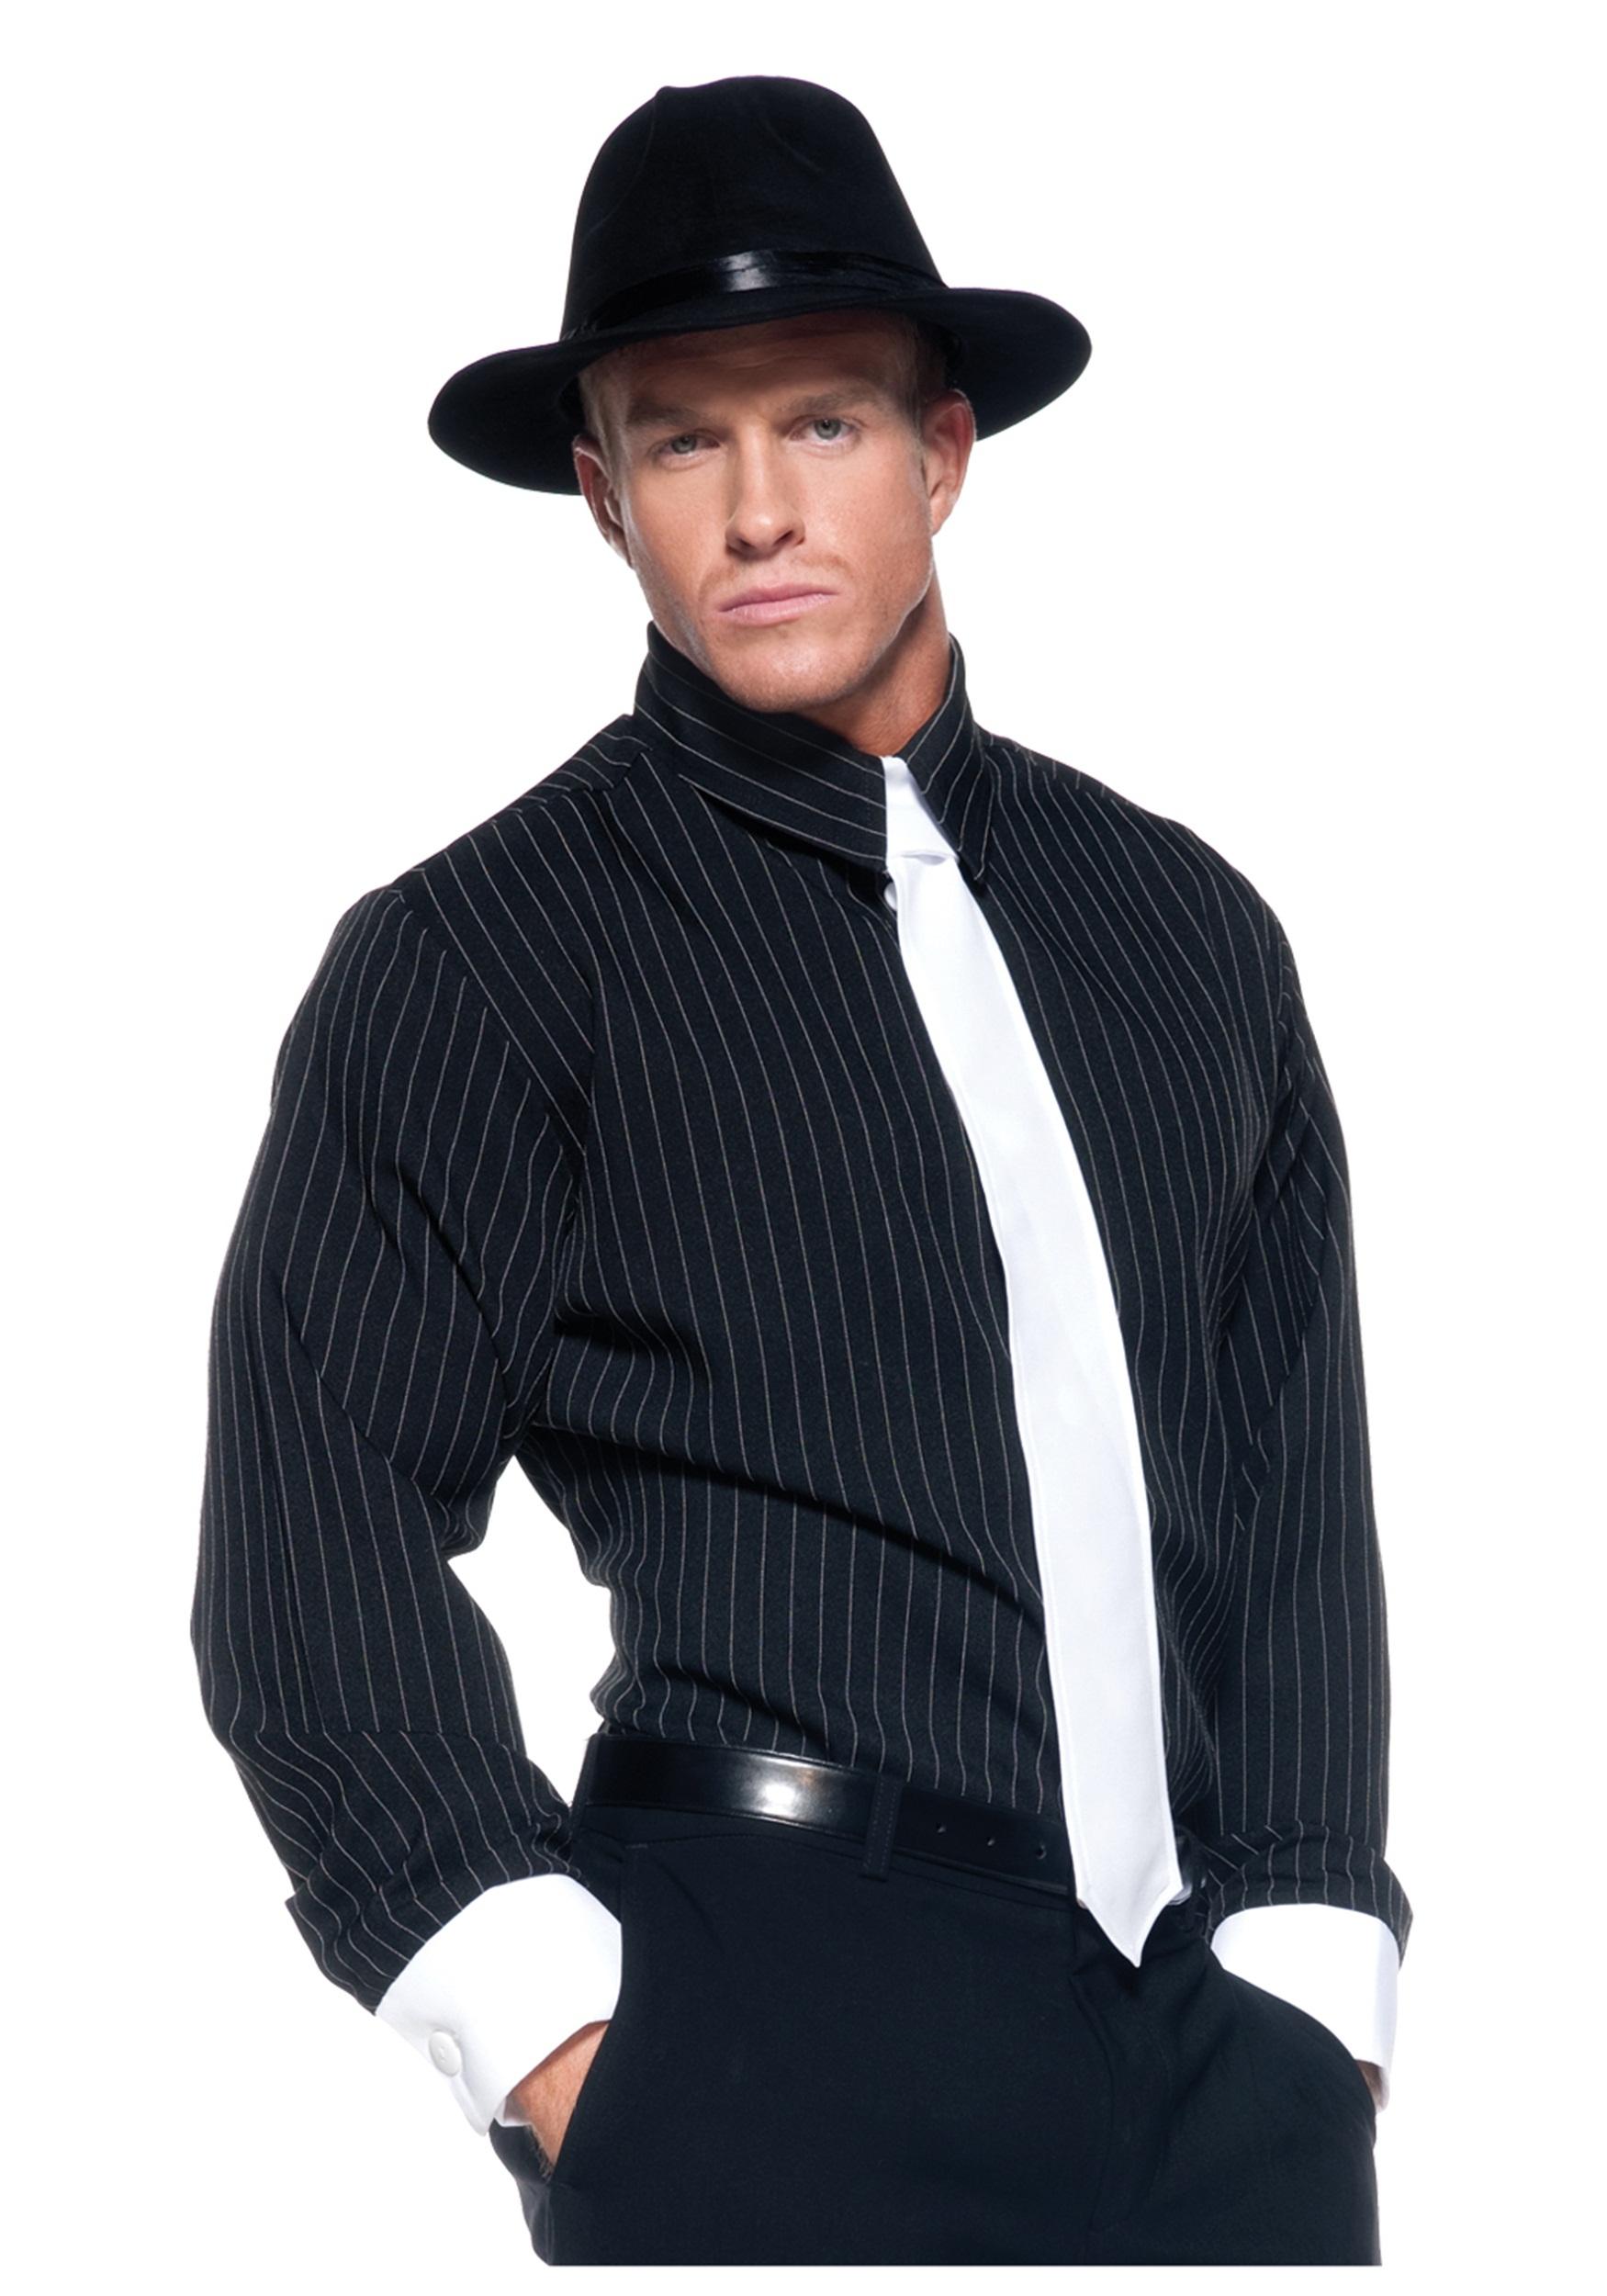 mobster halloween costumes ✓ halloween costumes